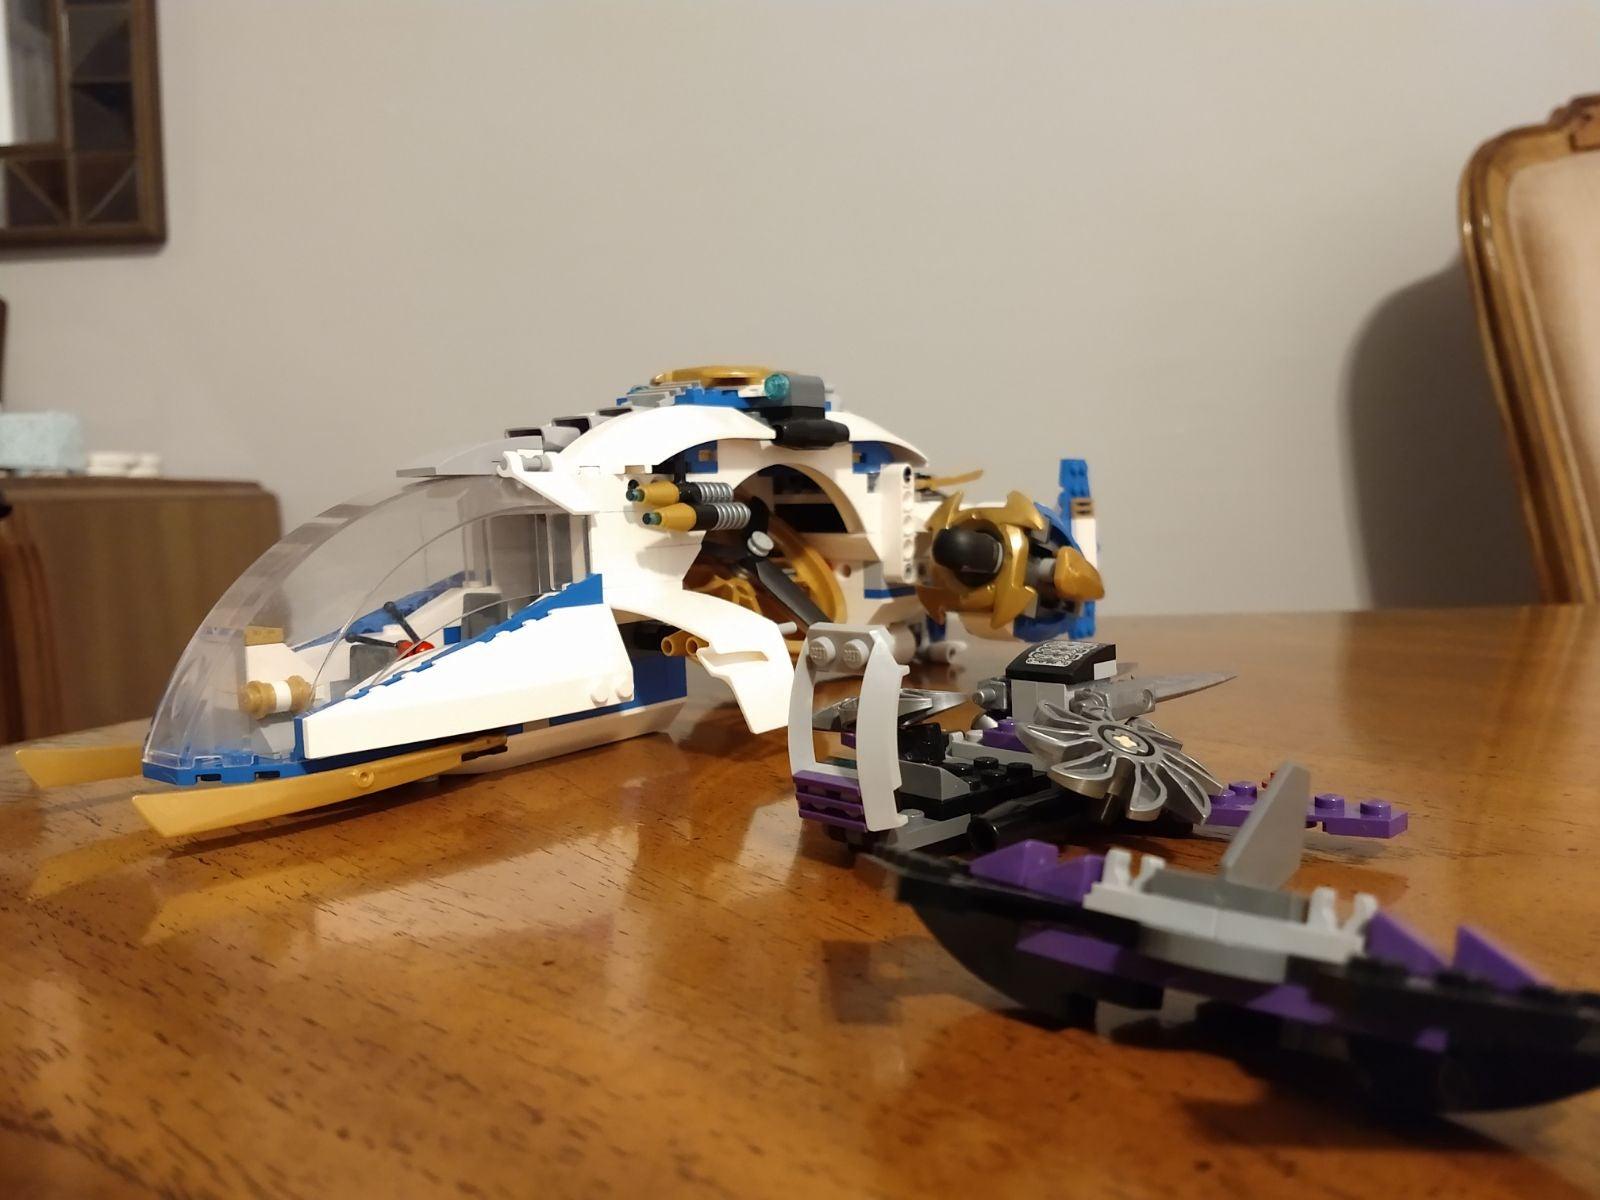 Lego ninjacopter